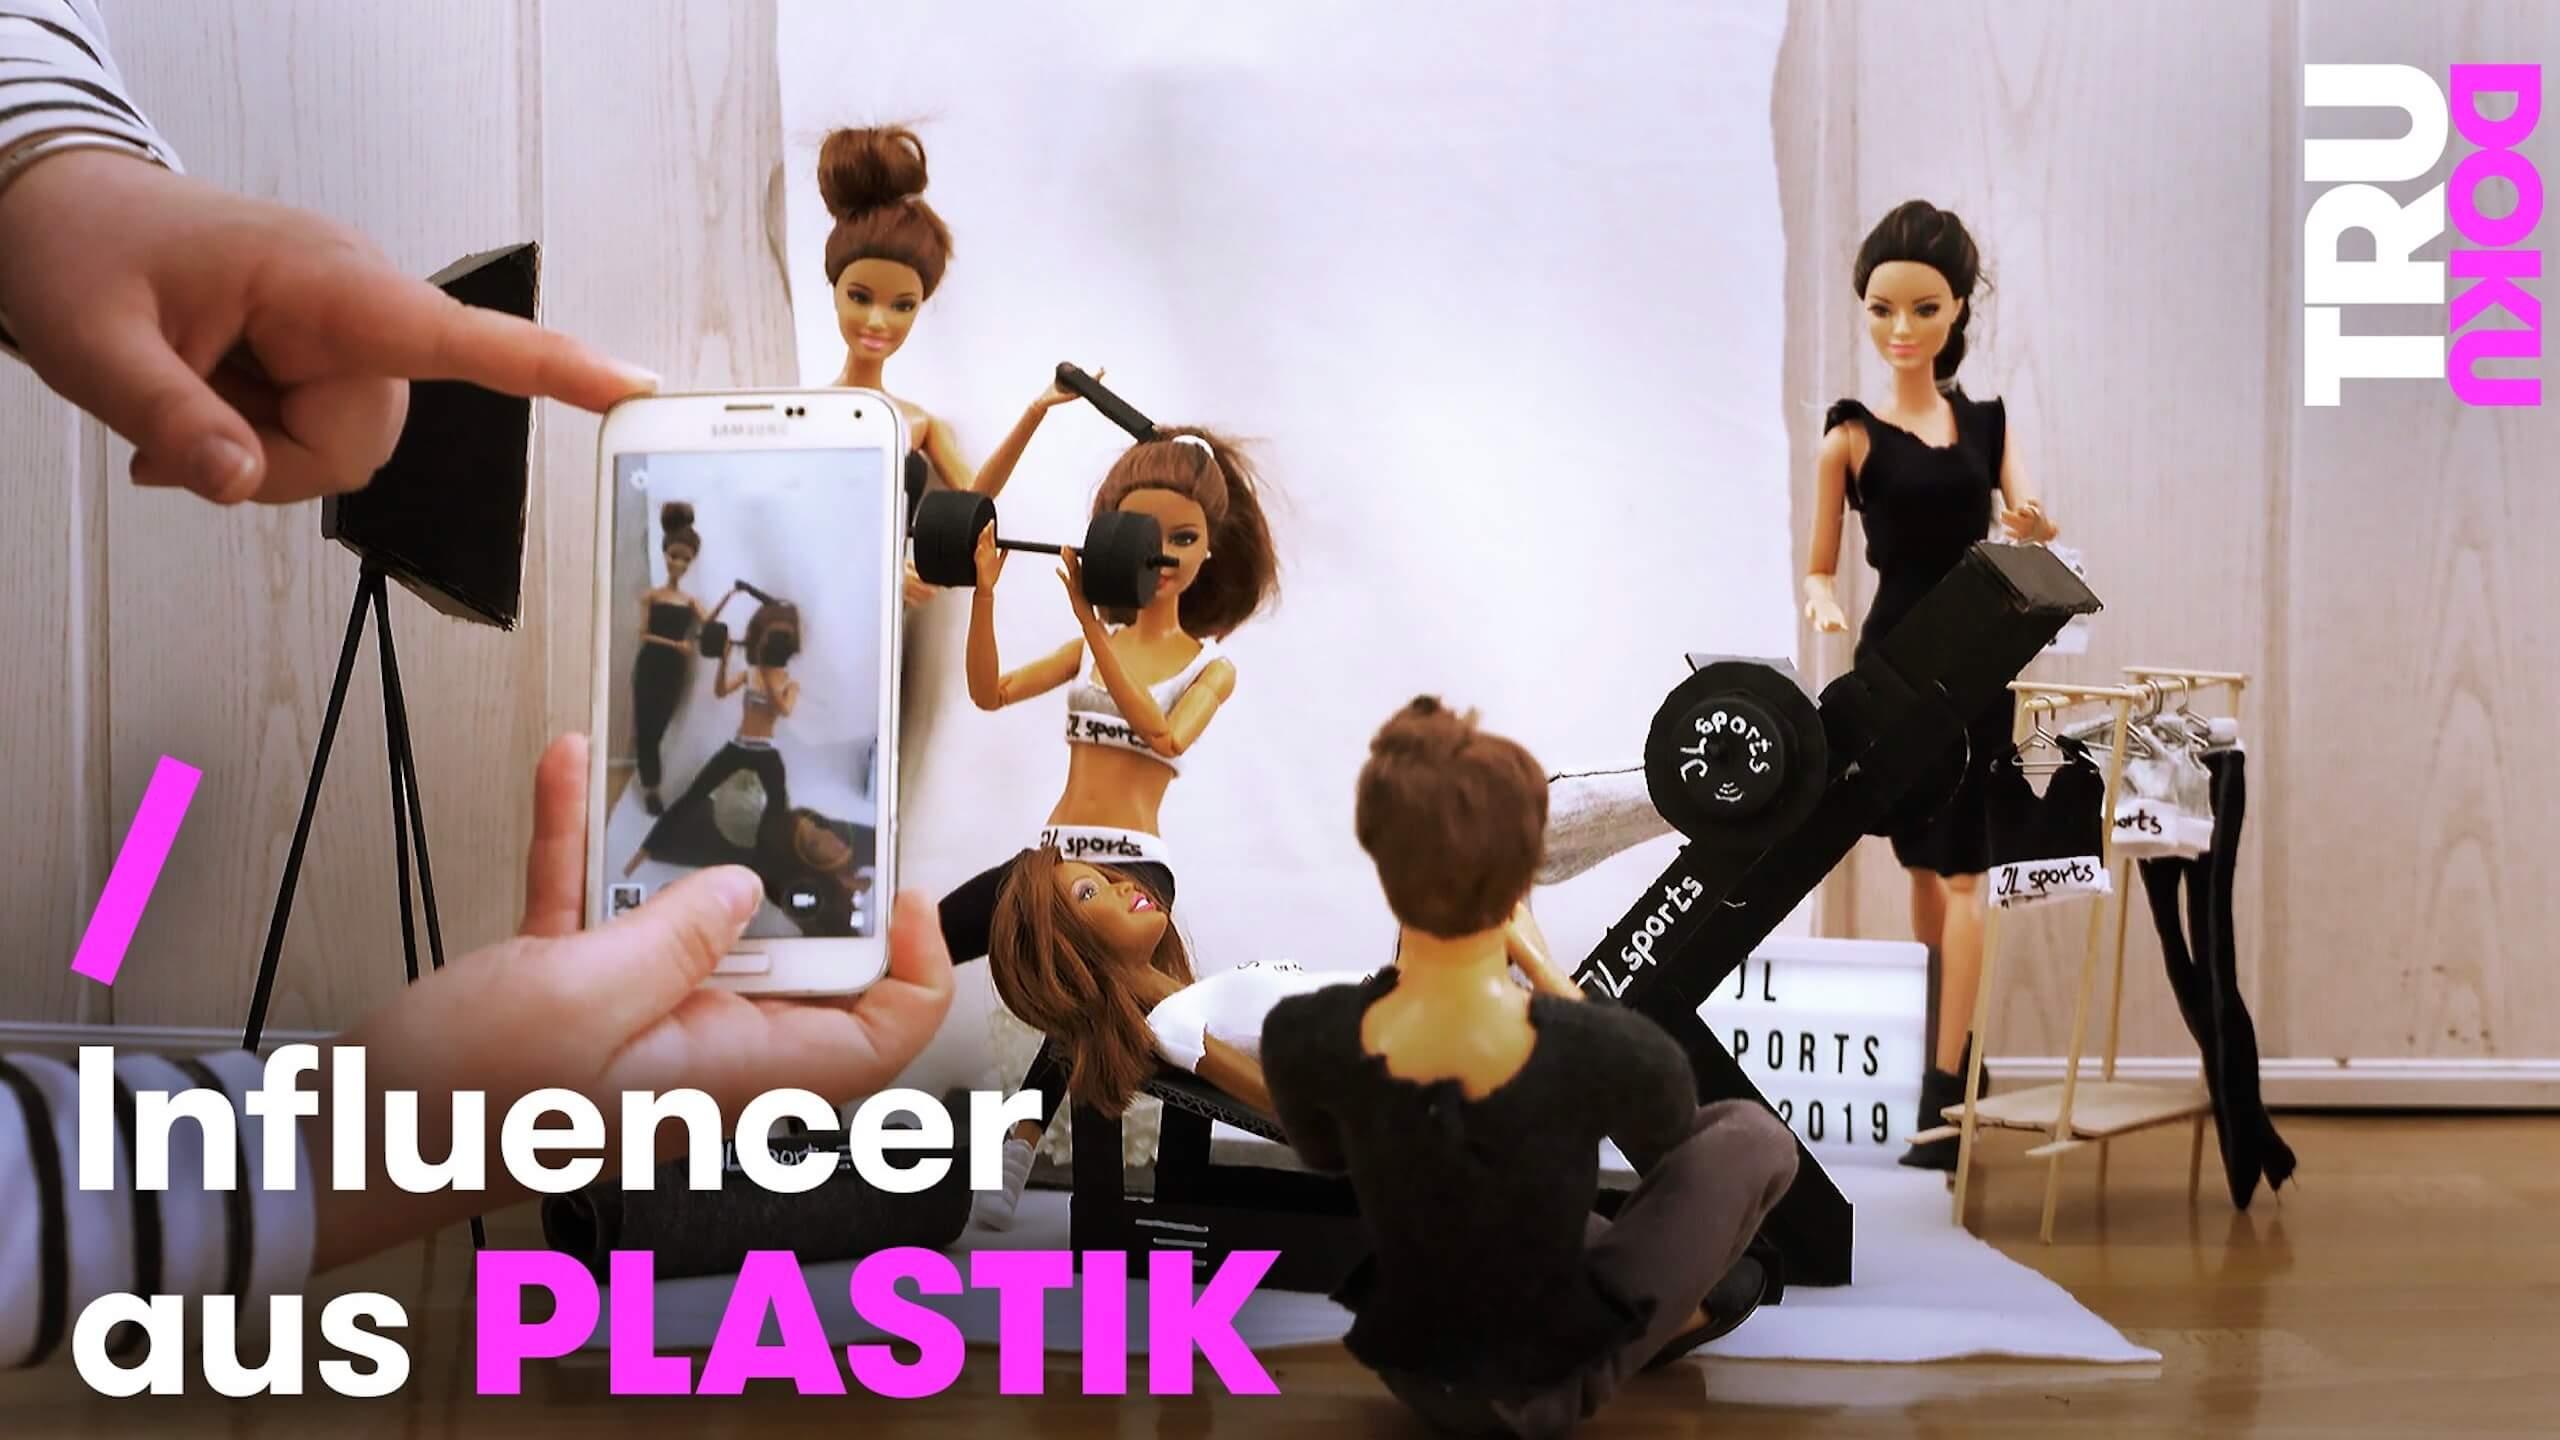 Eine toll gemachte Kurzdoku über zwei Schwestern, die einen Barbie-Kosmos erschaffen haben und mit ihren Barbie Influencer Accounts viele Follower haben.